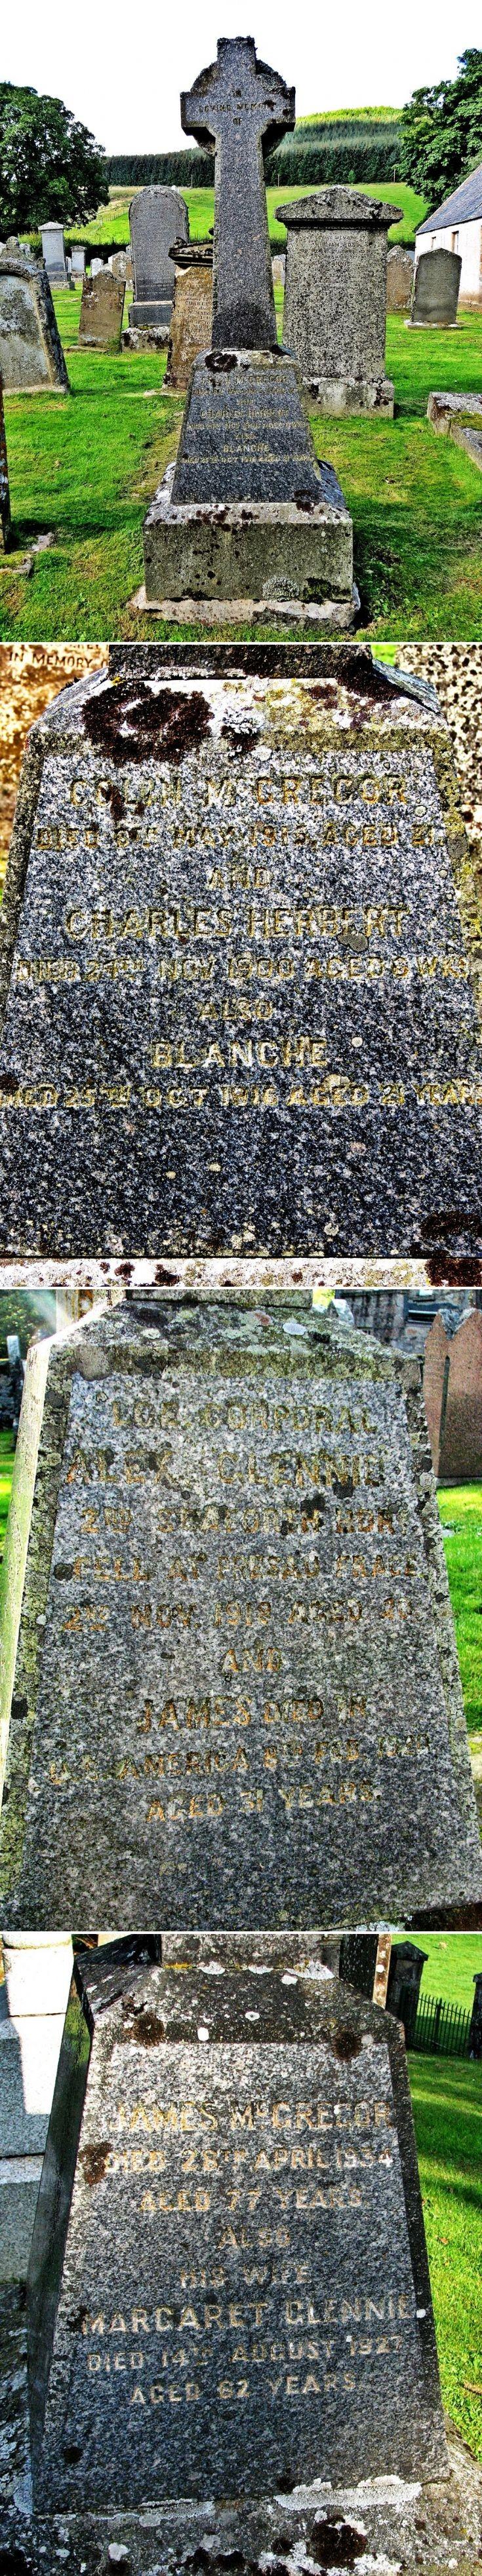 32 Grave Stone No 31 Colin McGregor